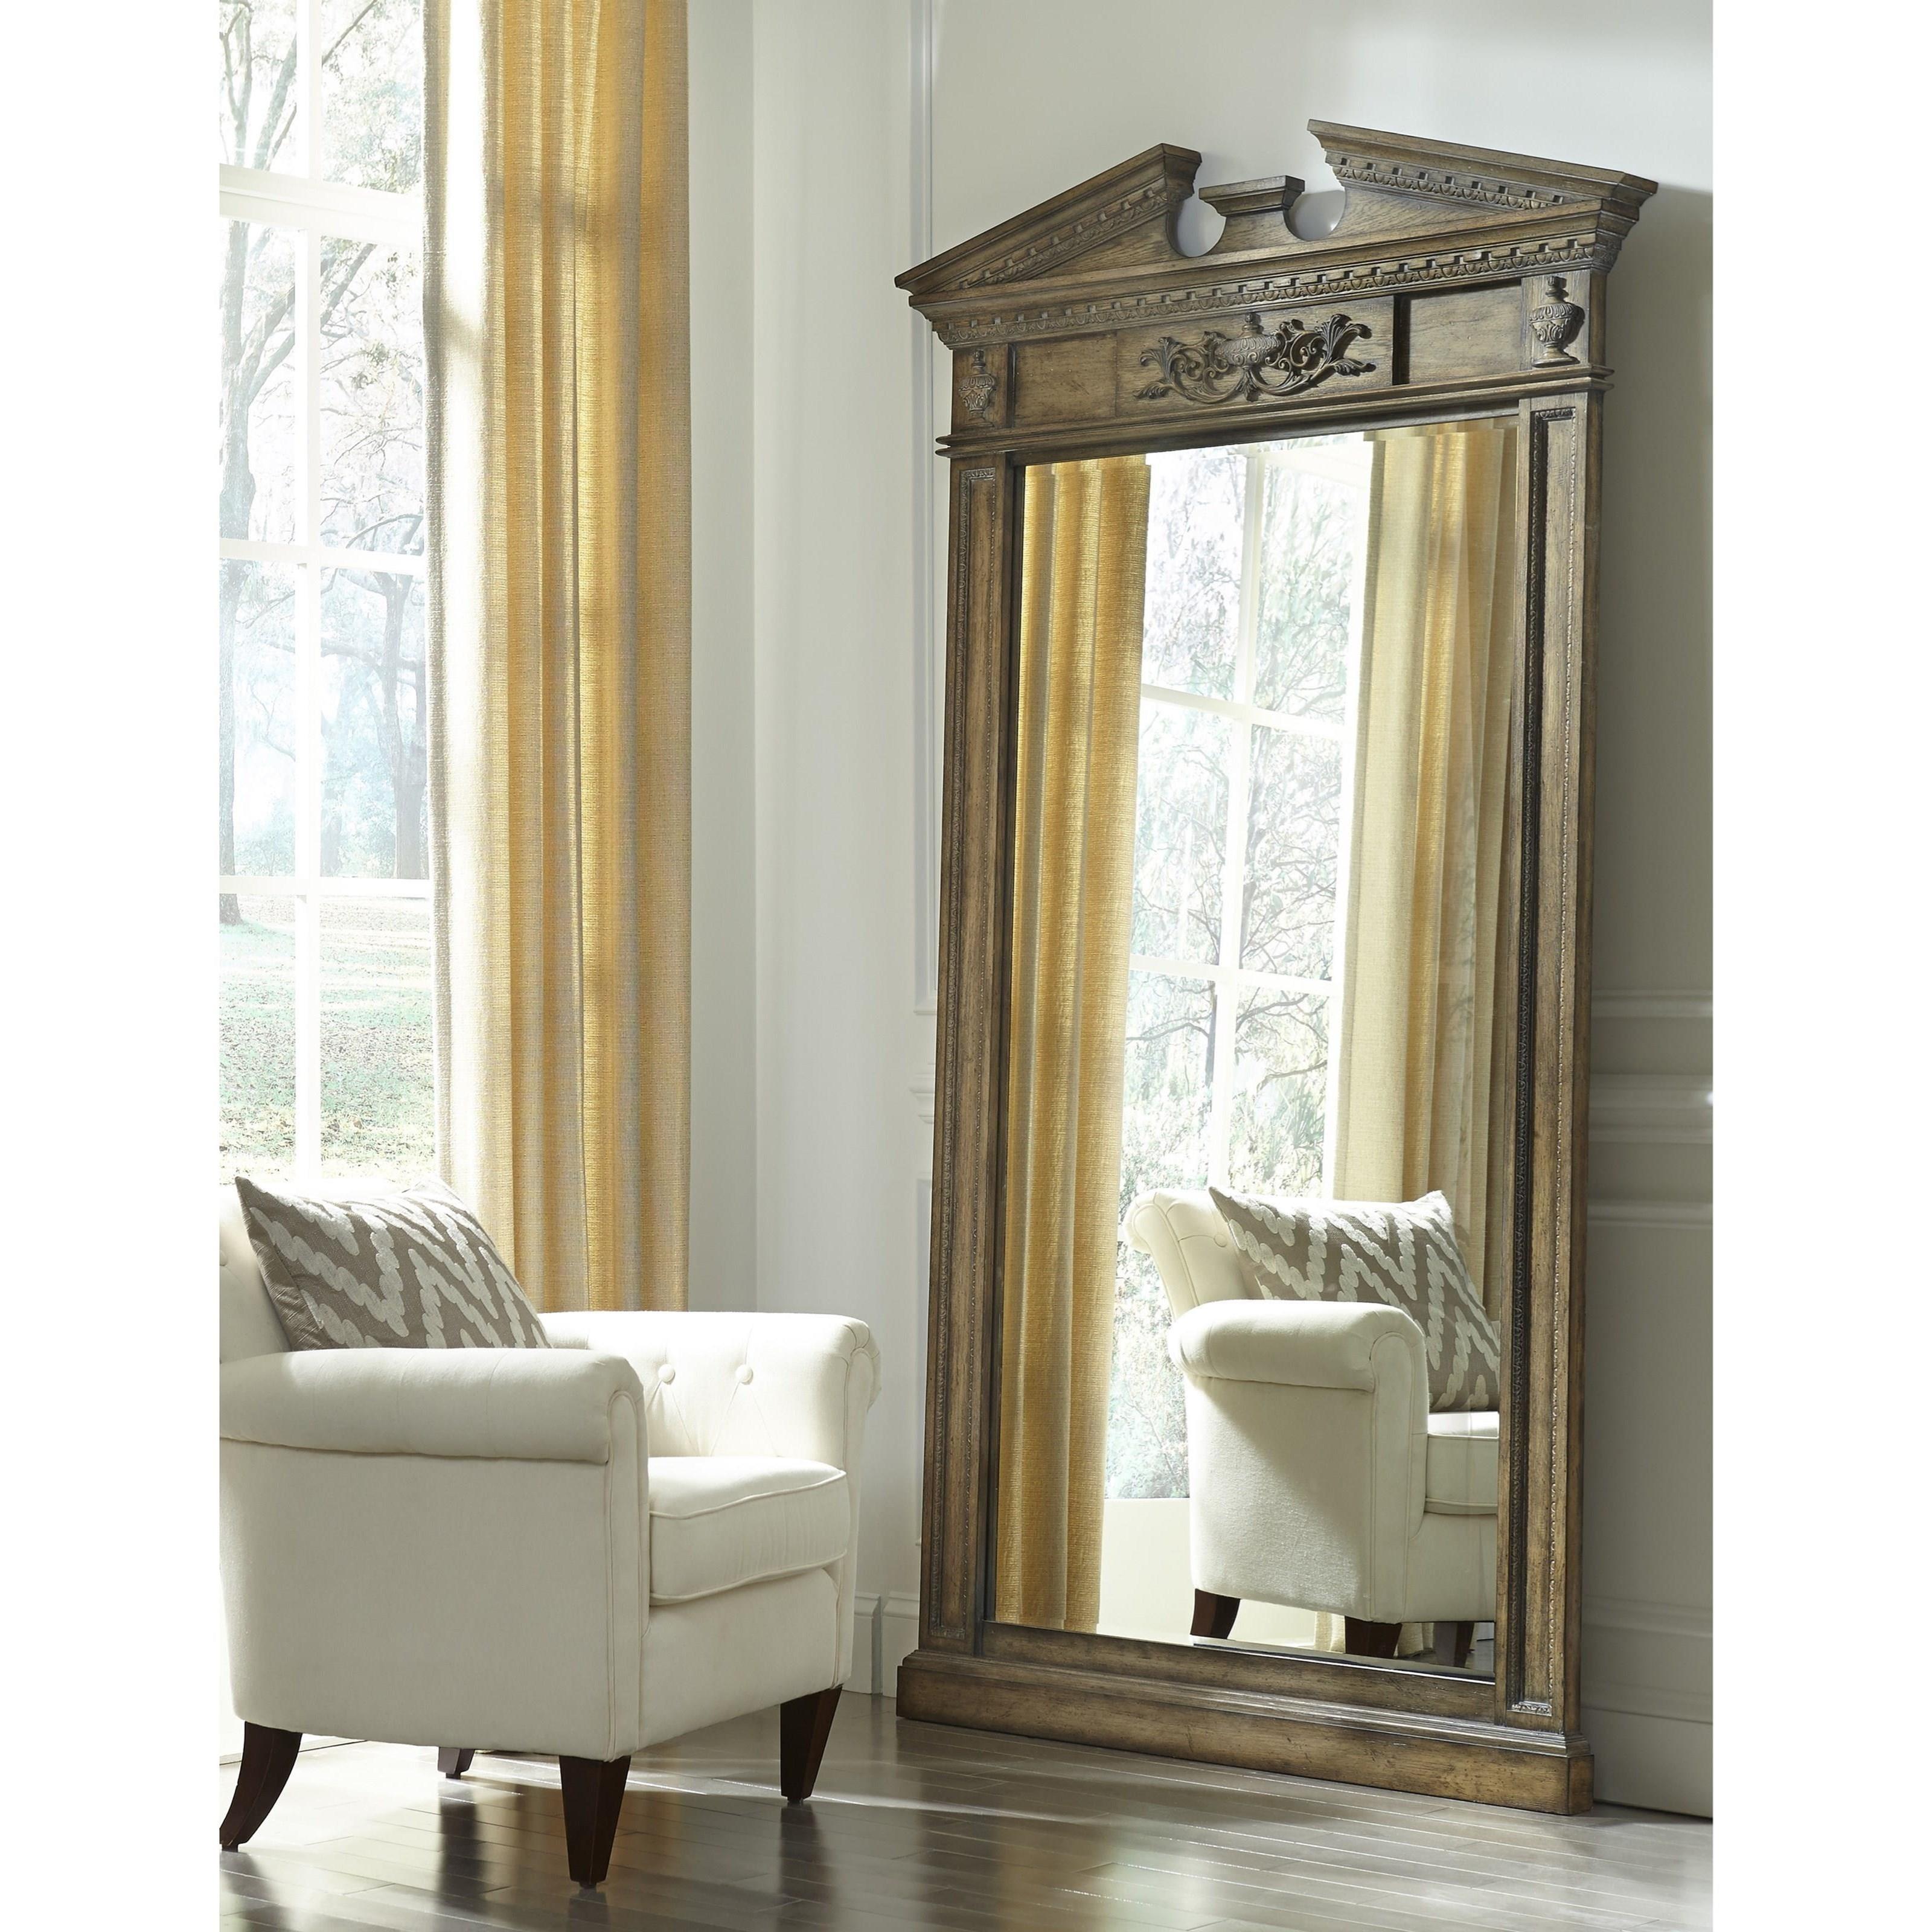 Aspenhome belle maison i94 465f greek inspired floor mirror becker furniture world floor mirrors - Maison edge aspen studio b ...